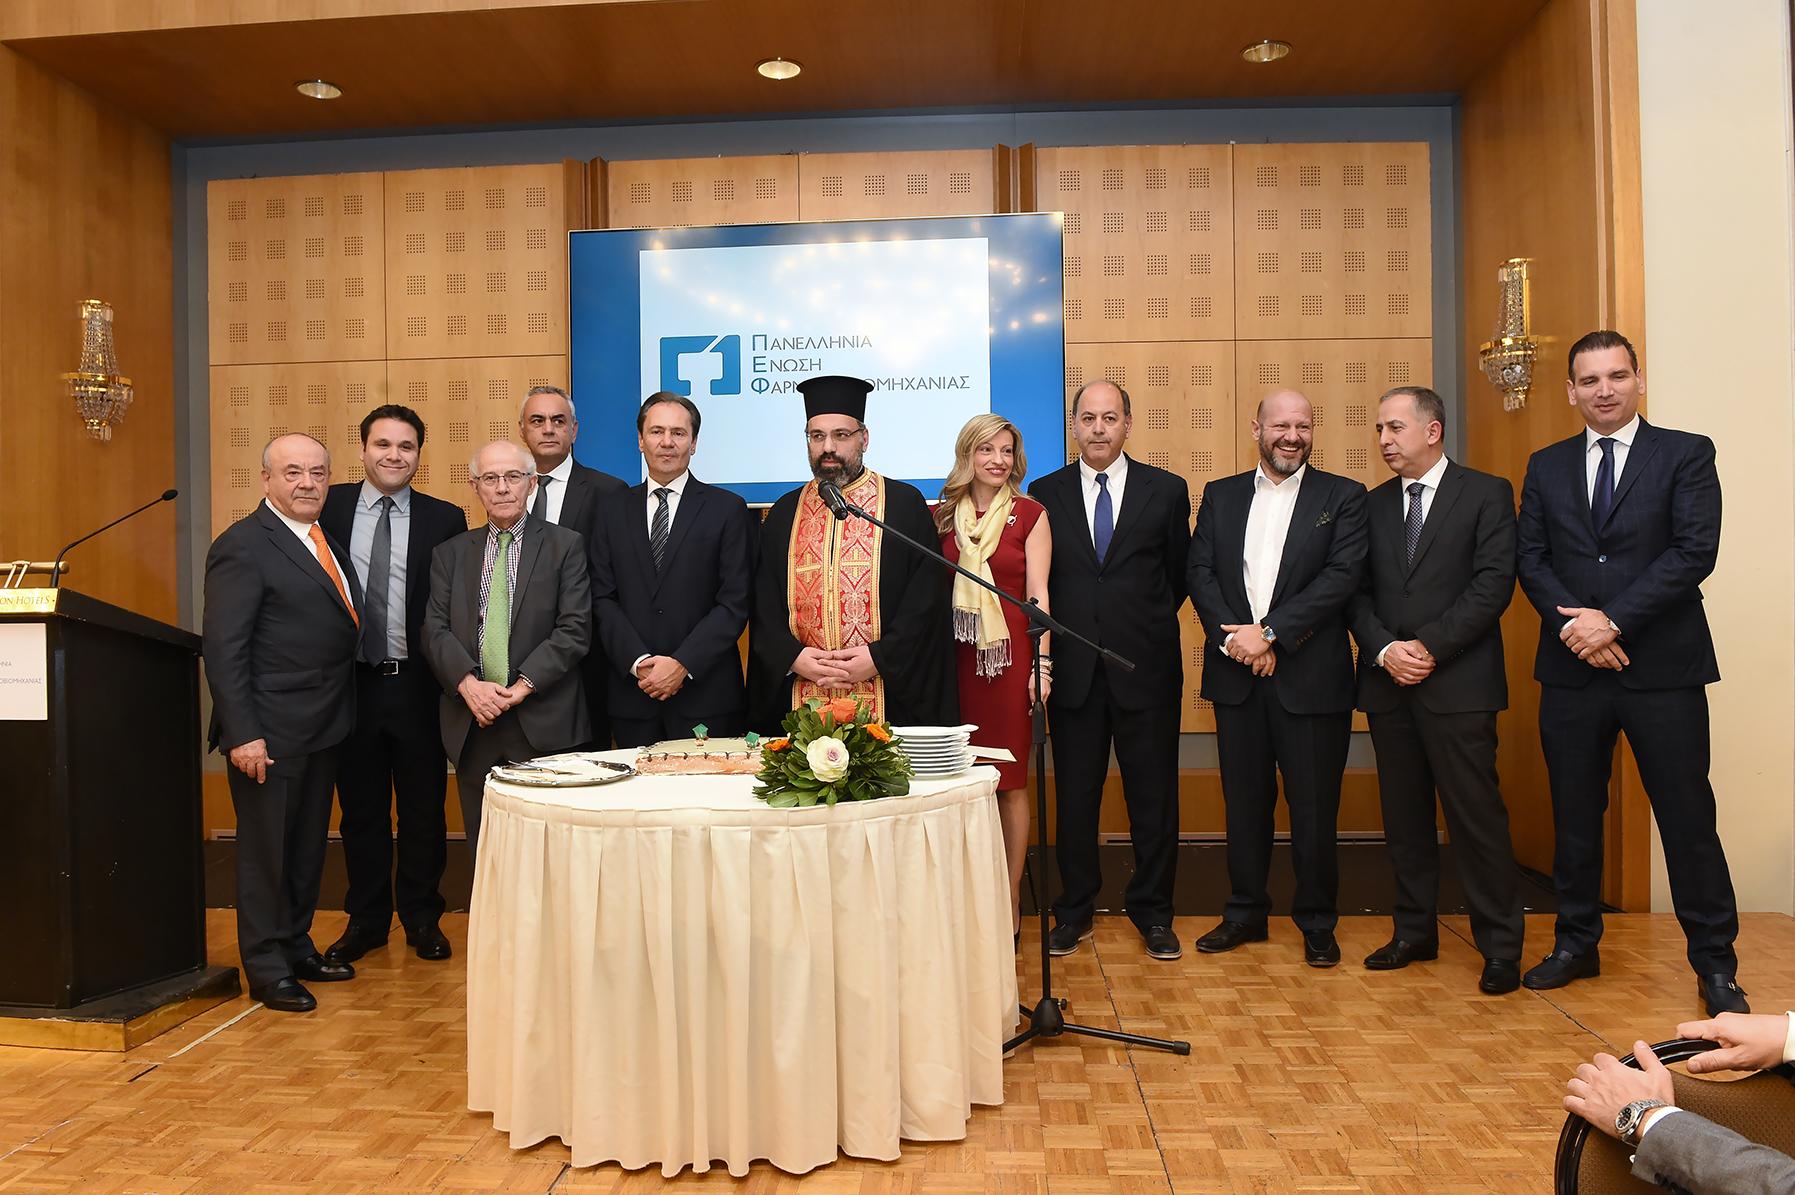 Πρόεδρος Ελλήνων Φαρμακοβιομηχάνων: Οι ελληνικές εταιρείες καλύπτουν το 60% των φαρμάκων